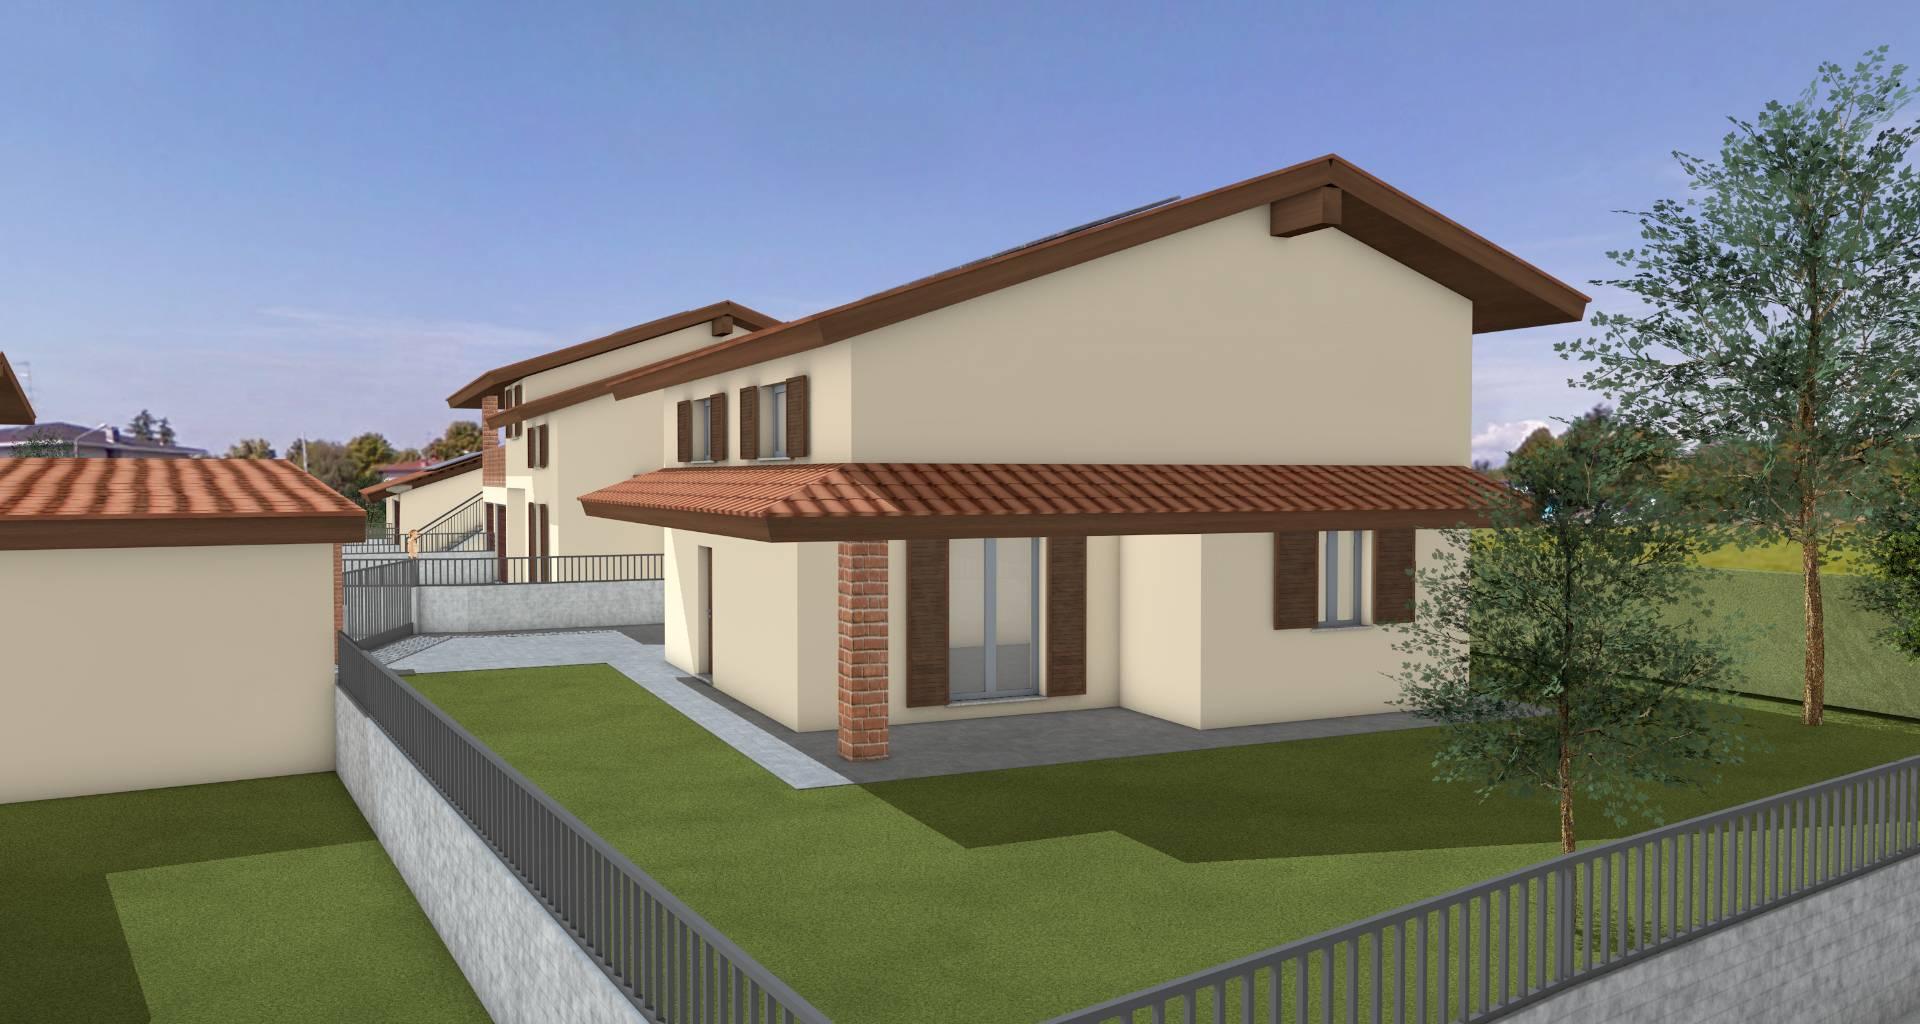 Villa in vendita a Oleggio, 5 locali, prezzo € 275.000 | Cambio Casa.it